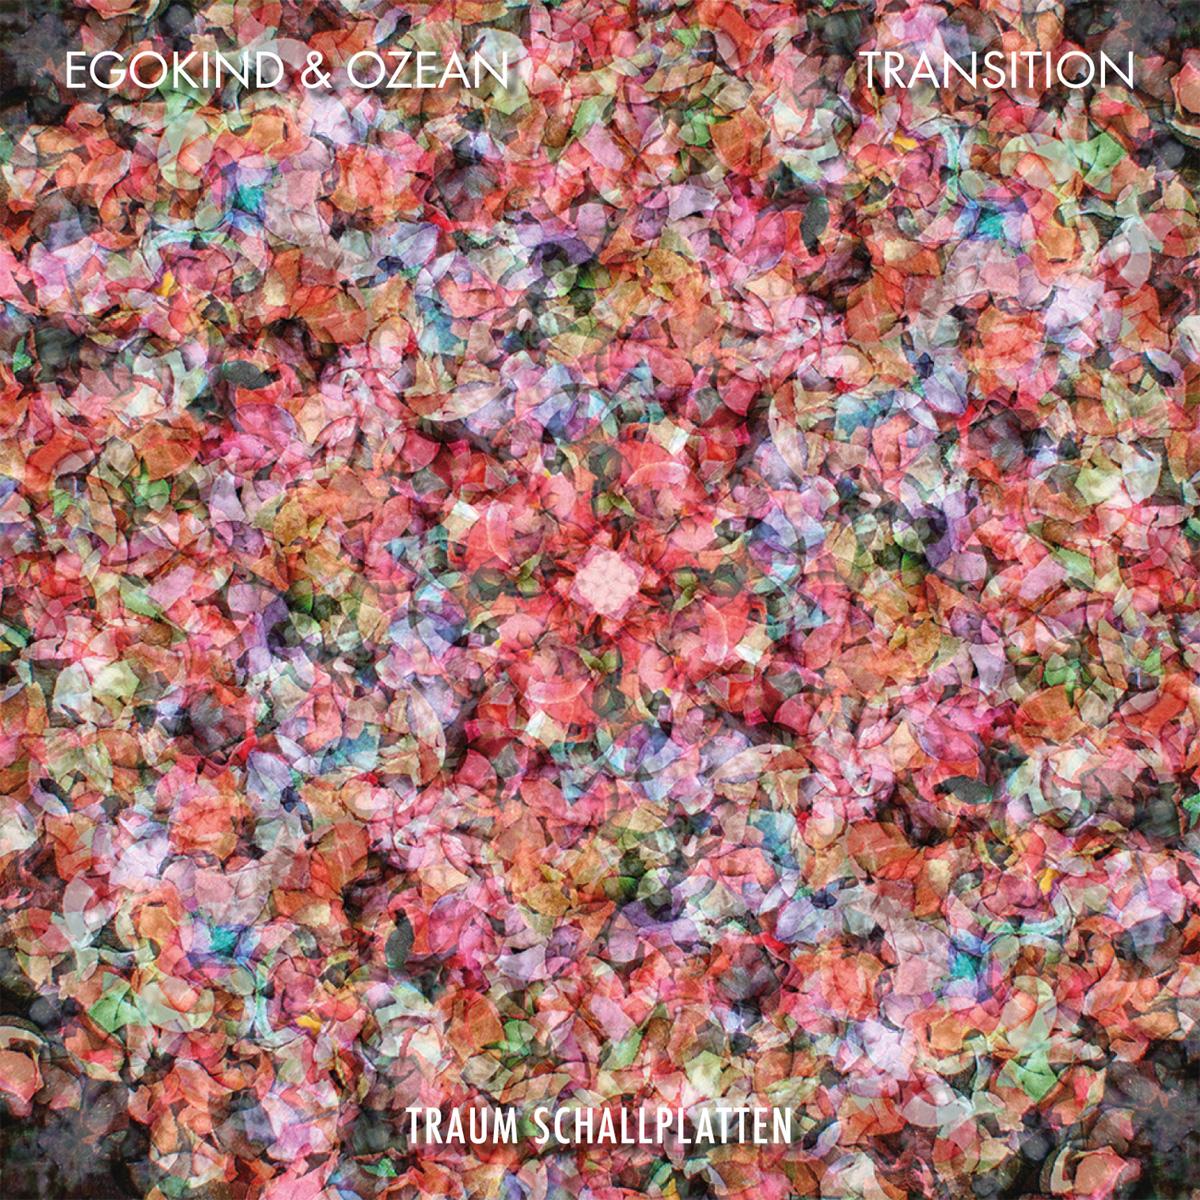 Egokind & Ozean – Transition (Traum)